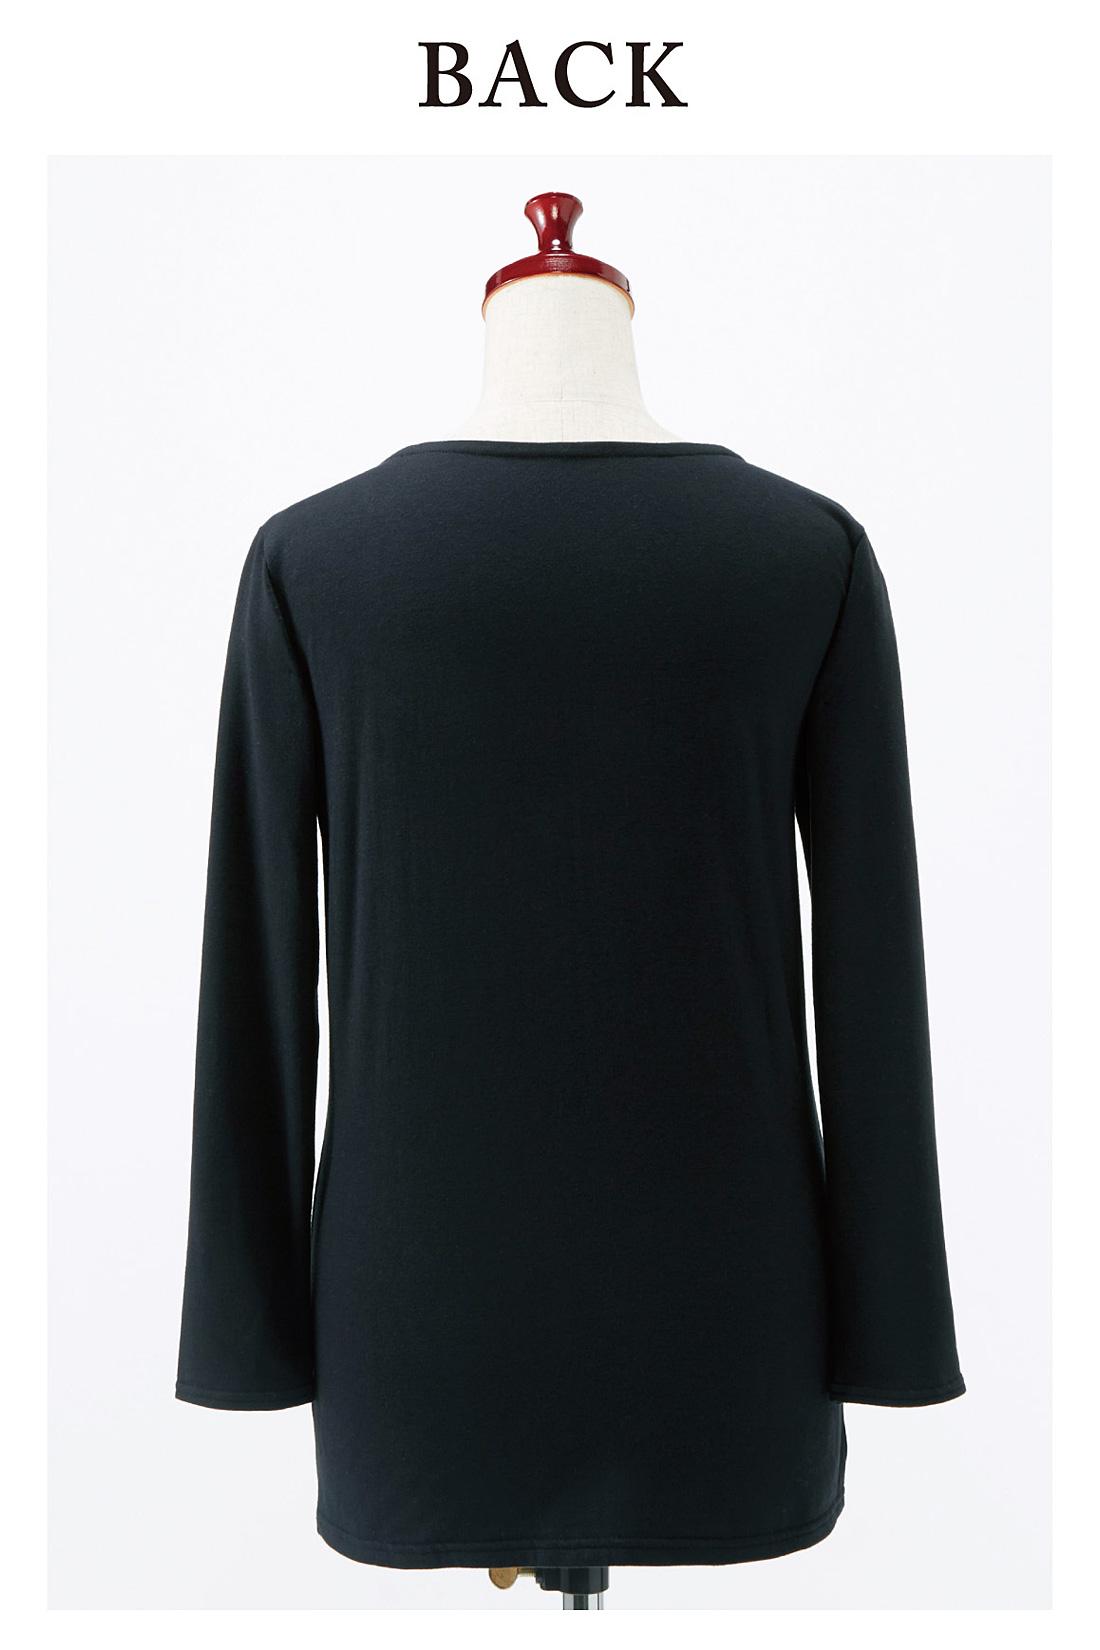 Back バックスタイルもシンプルにすっきり。長すぎず短すぎない八分袖。